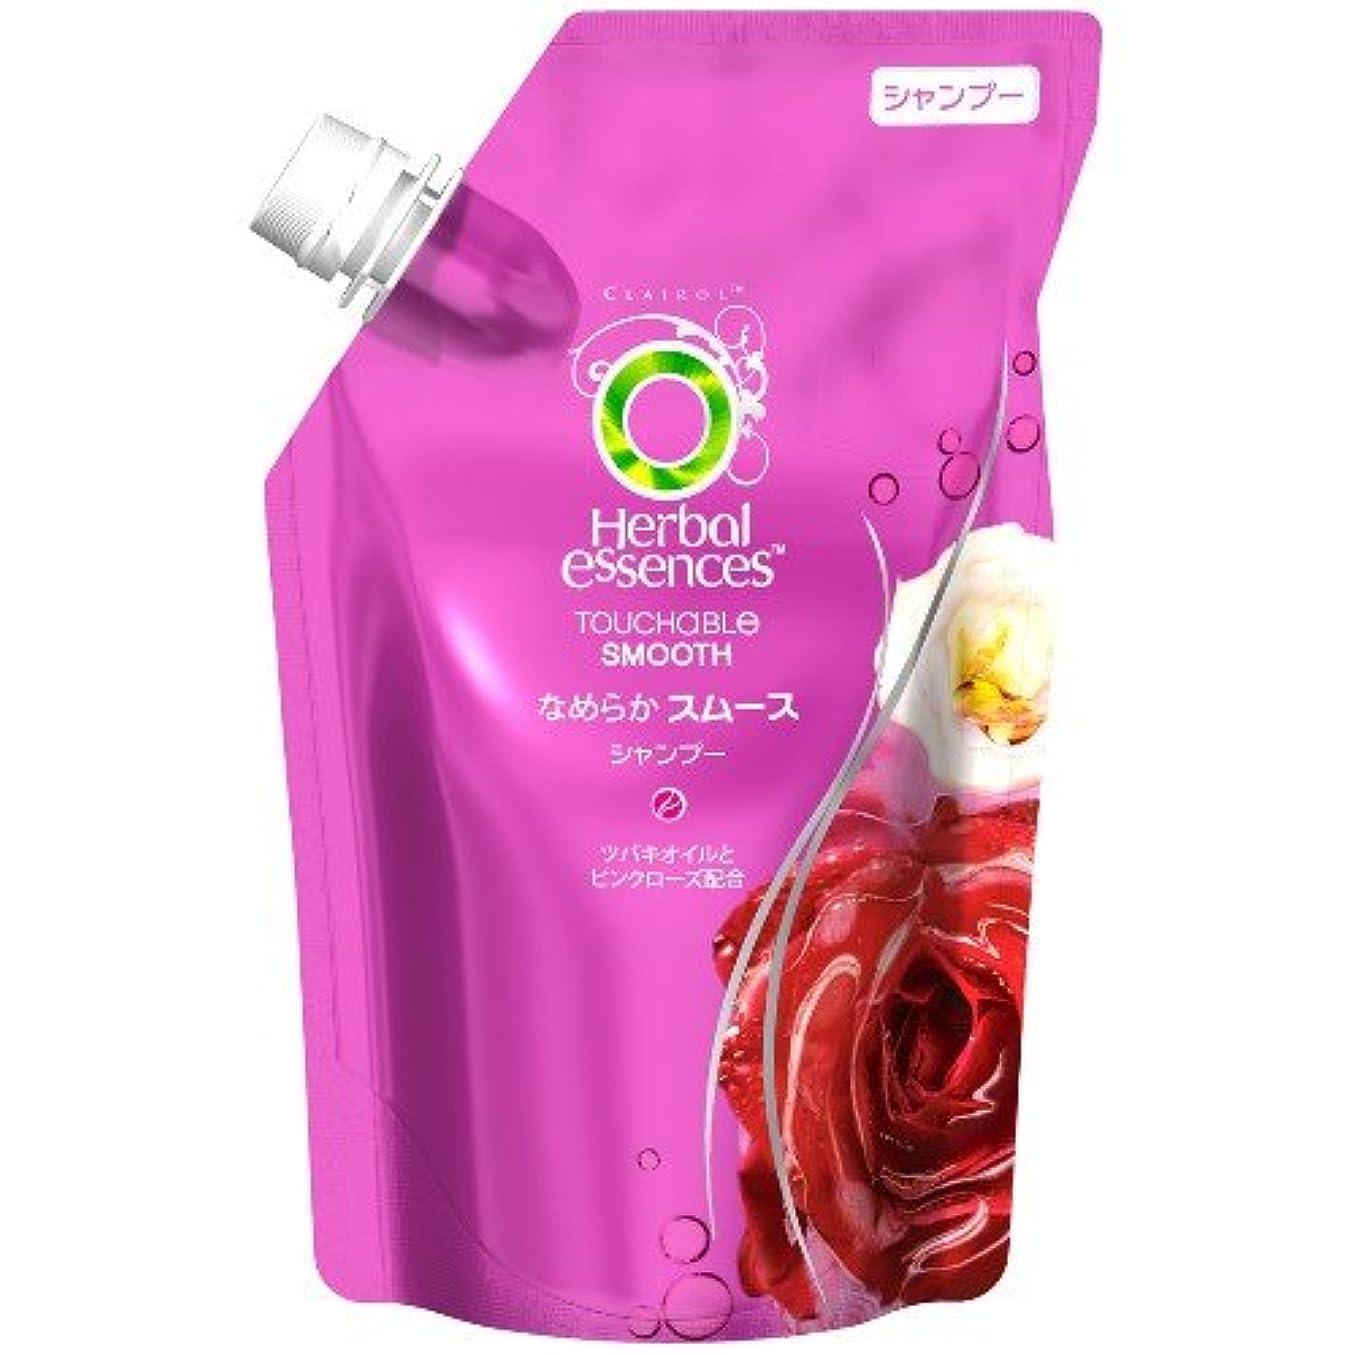 呼吸するマインドフル香水ハーバルエッセンス シャンプー なめらかスムース 詰め替え 340mL